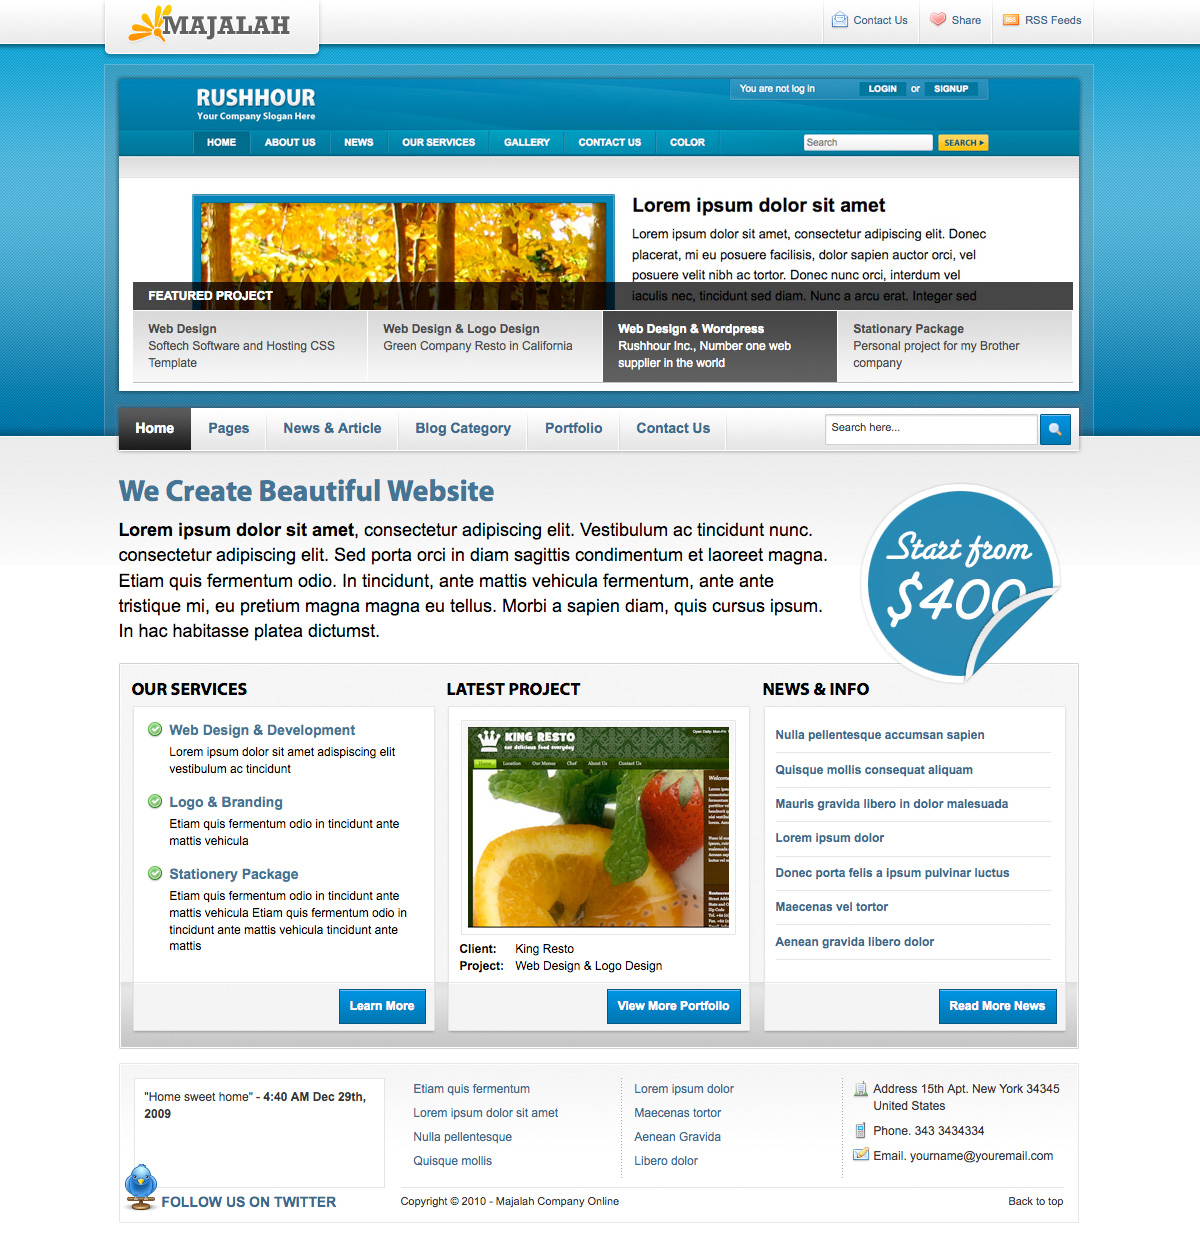 Majalah - Magazine Style Template (4 Background) - Magazine Style Template (4 Background)  - Homepage